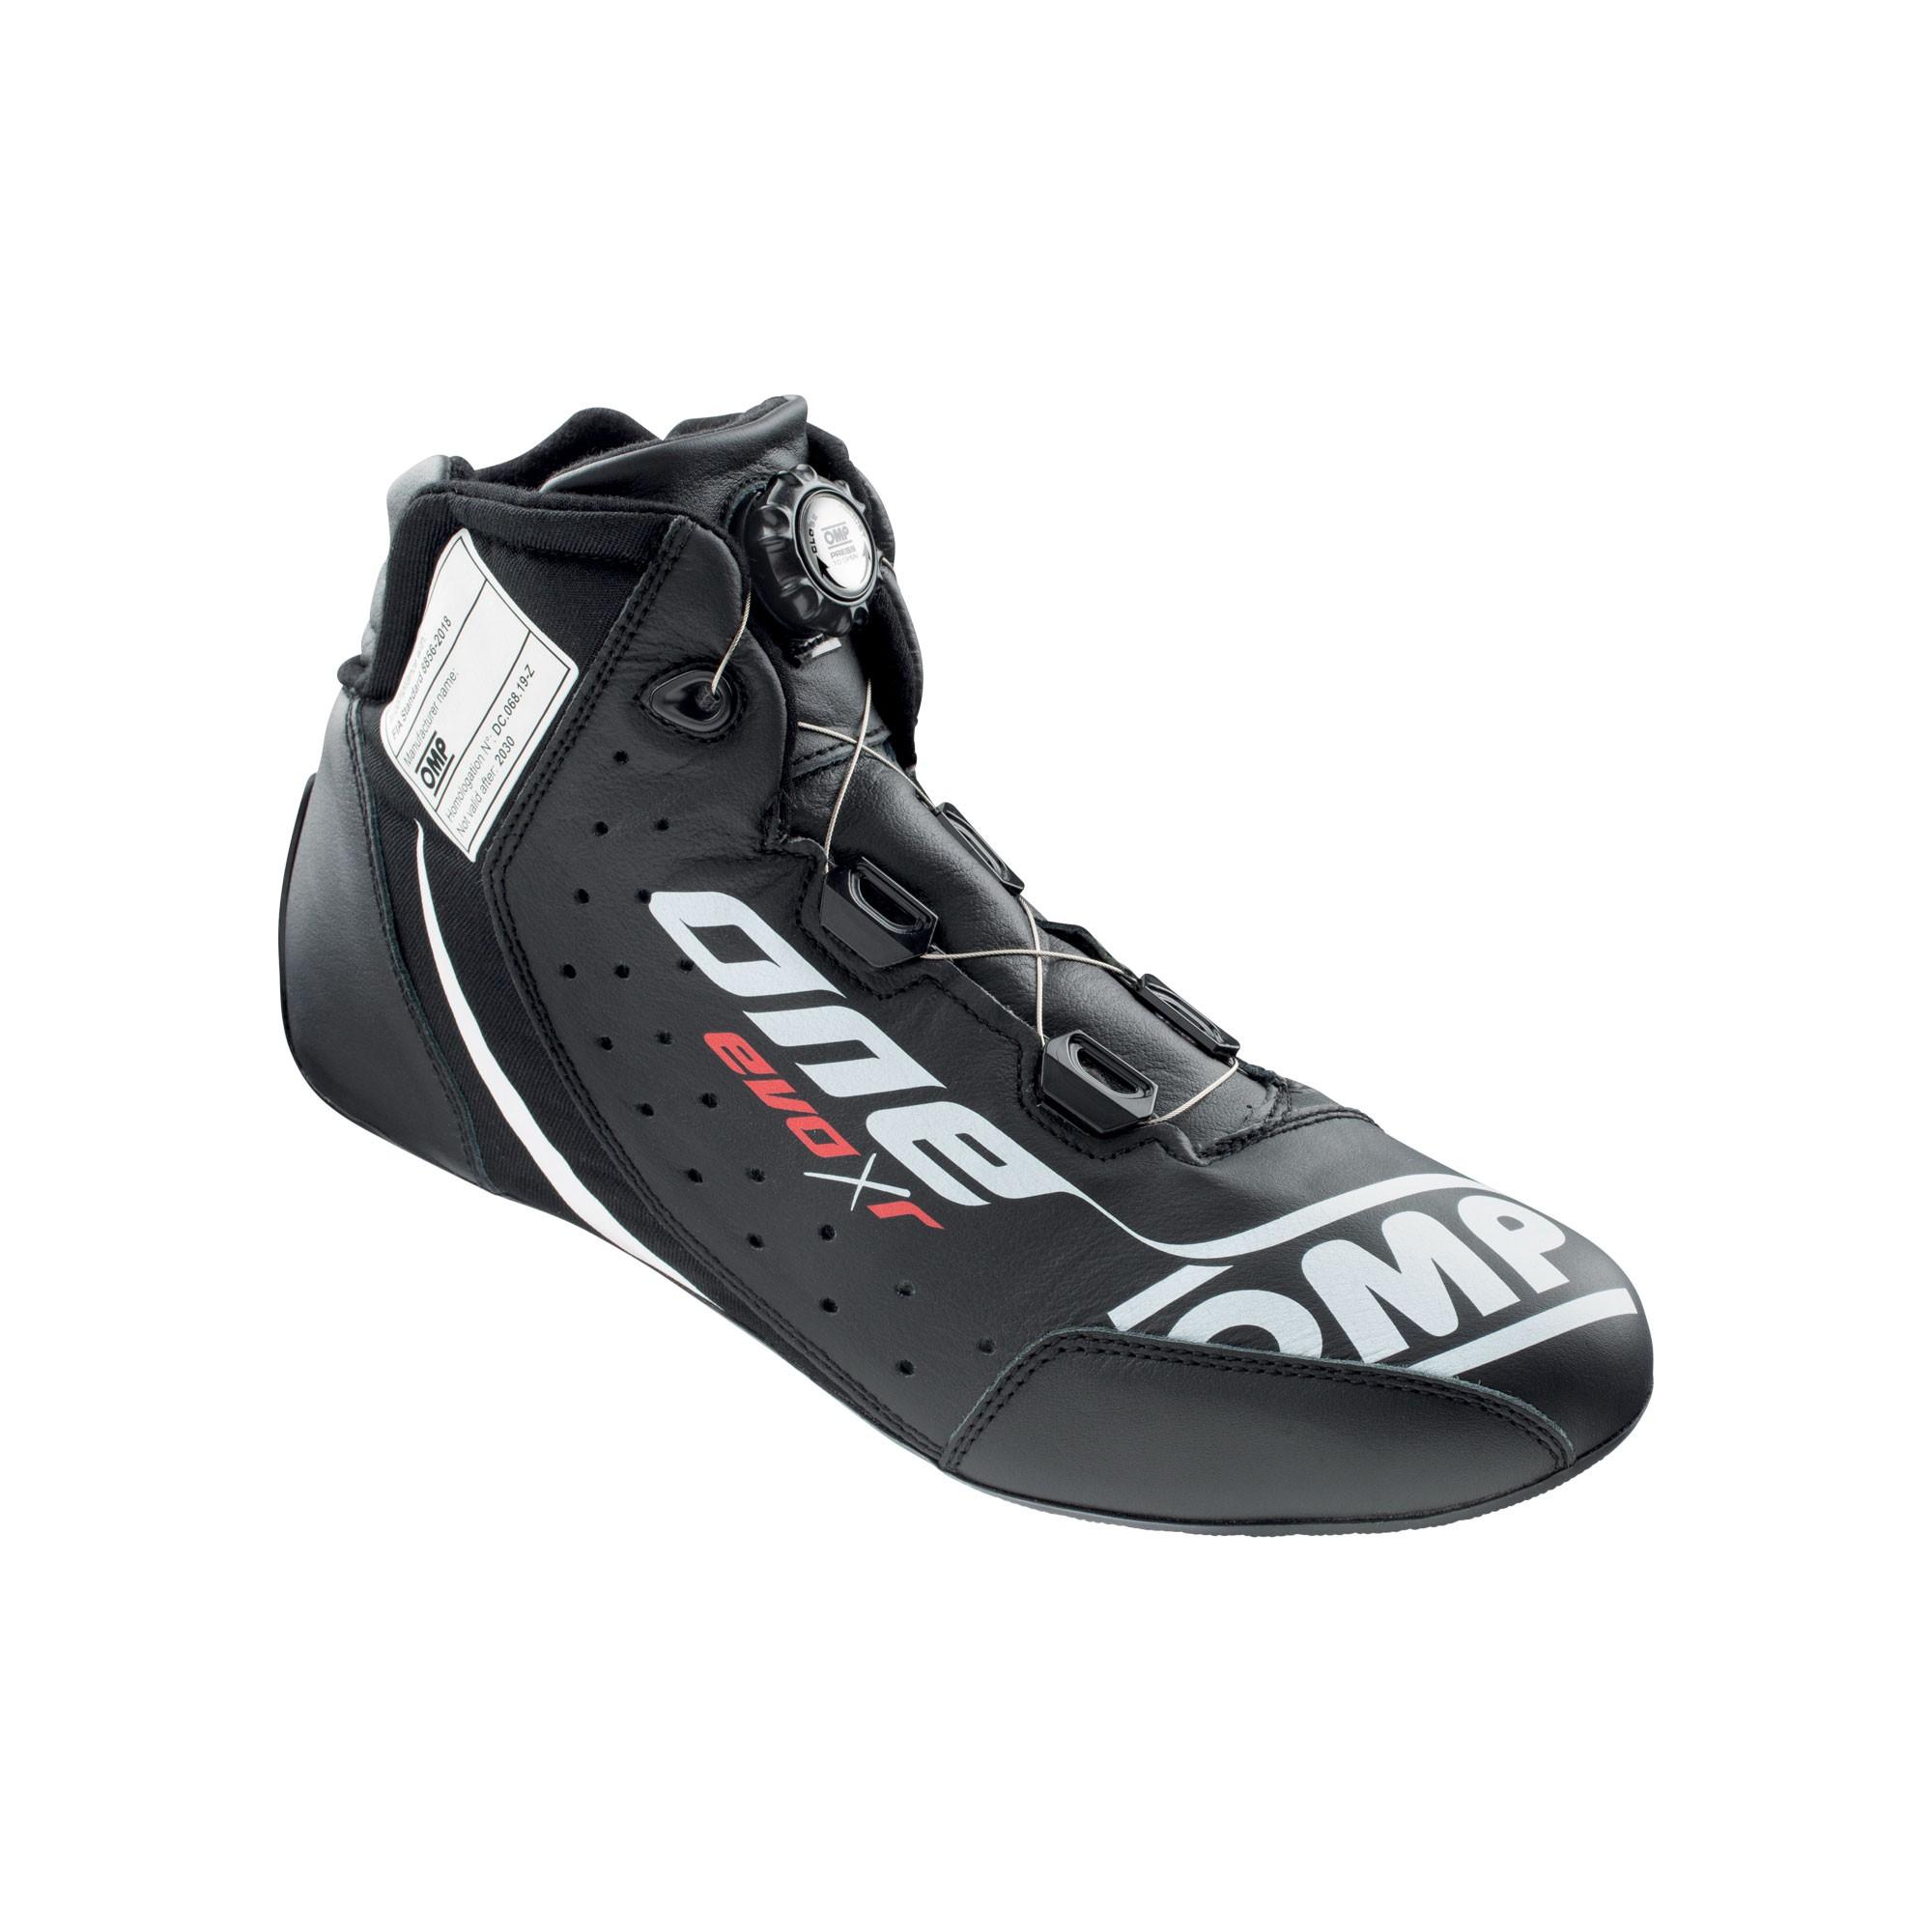 ONE EVO X R SHOES BLACK SIZE 37 FIA 8856-2018